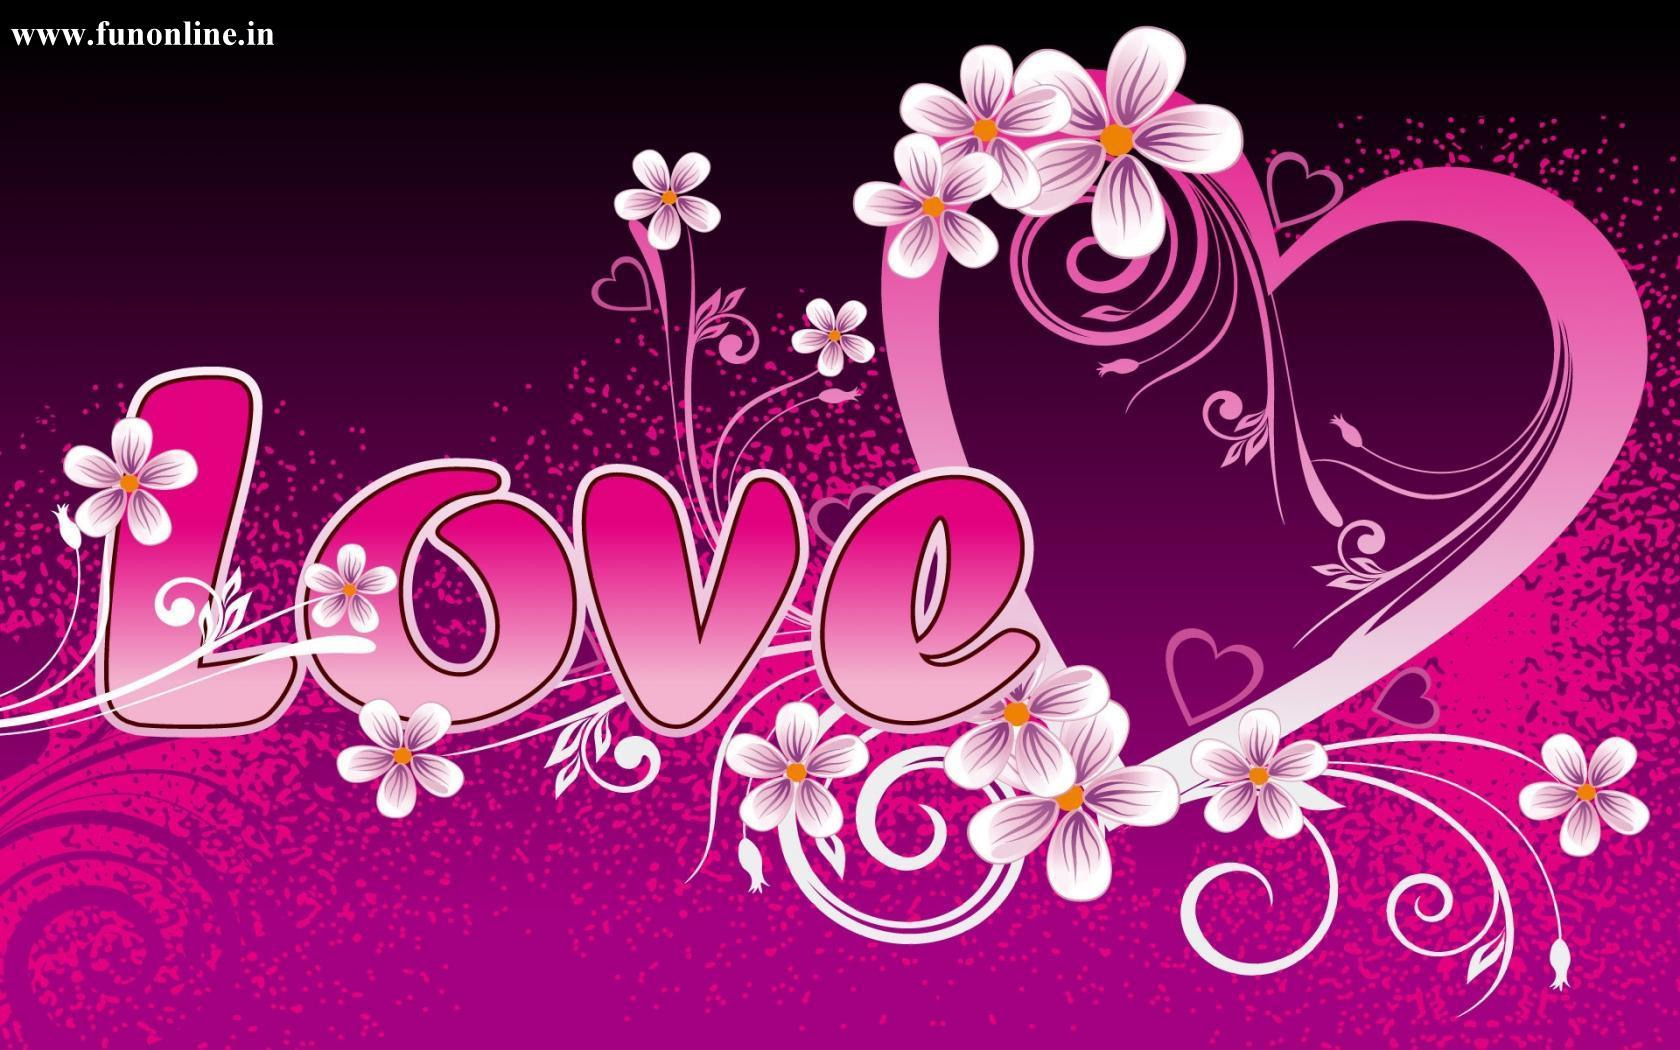 sweet love wallpapers - wallpapersafari